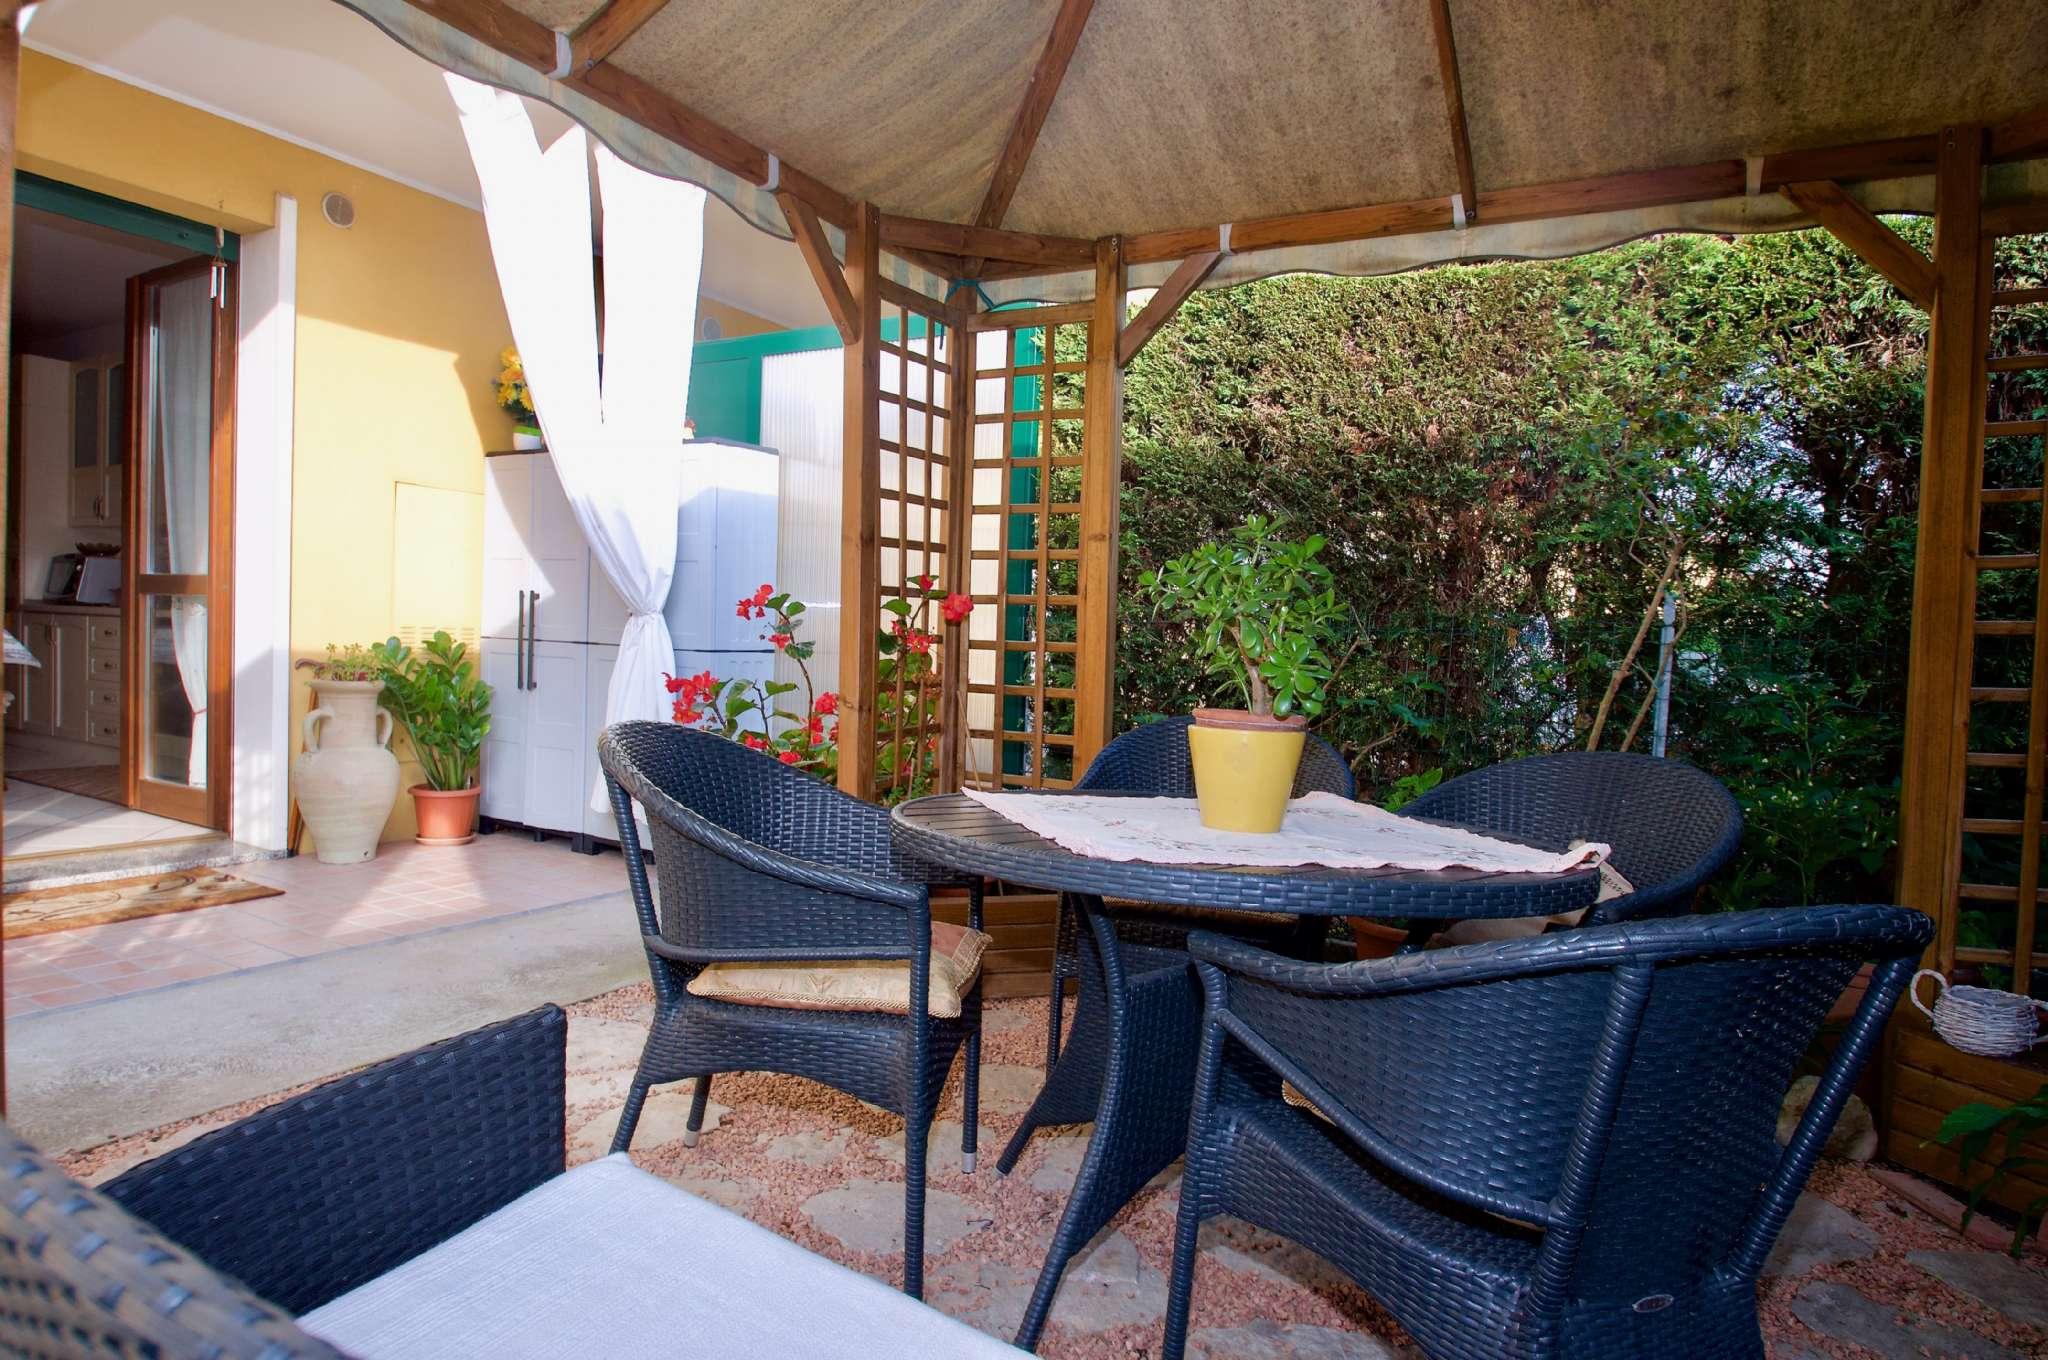 Appartamento in vendita a Maserà di Padova, 3 locali, prezzo € 119.000 | CambioCasa.it